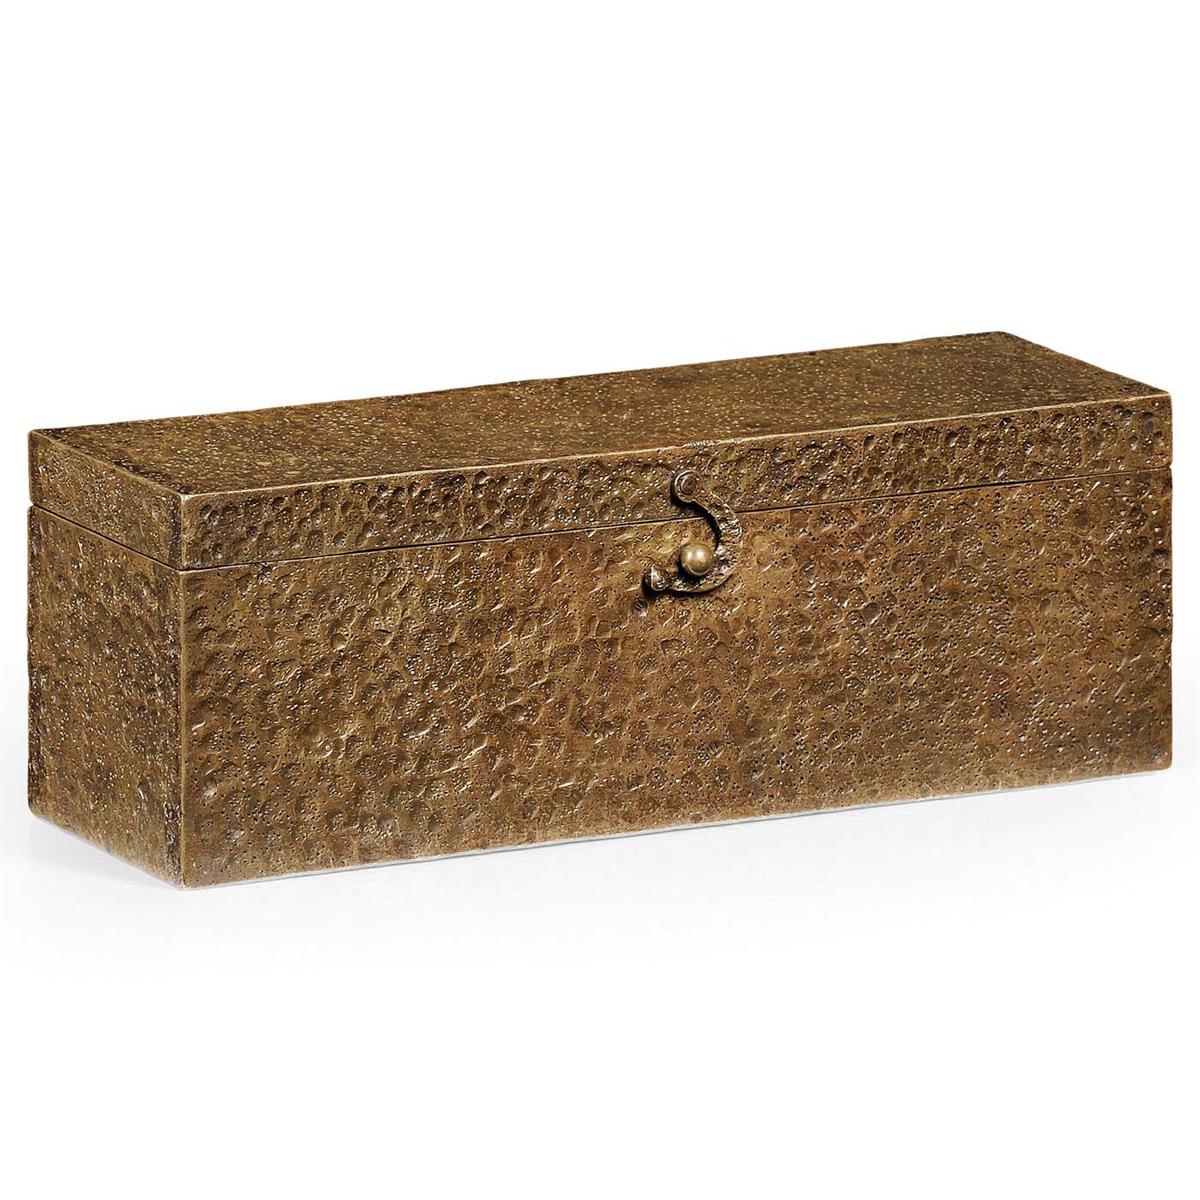 494291 Rectangular hand hammered brass box - на 360.ru: цены, описание, характеристики, где купить в Москве.